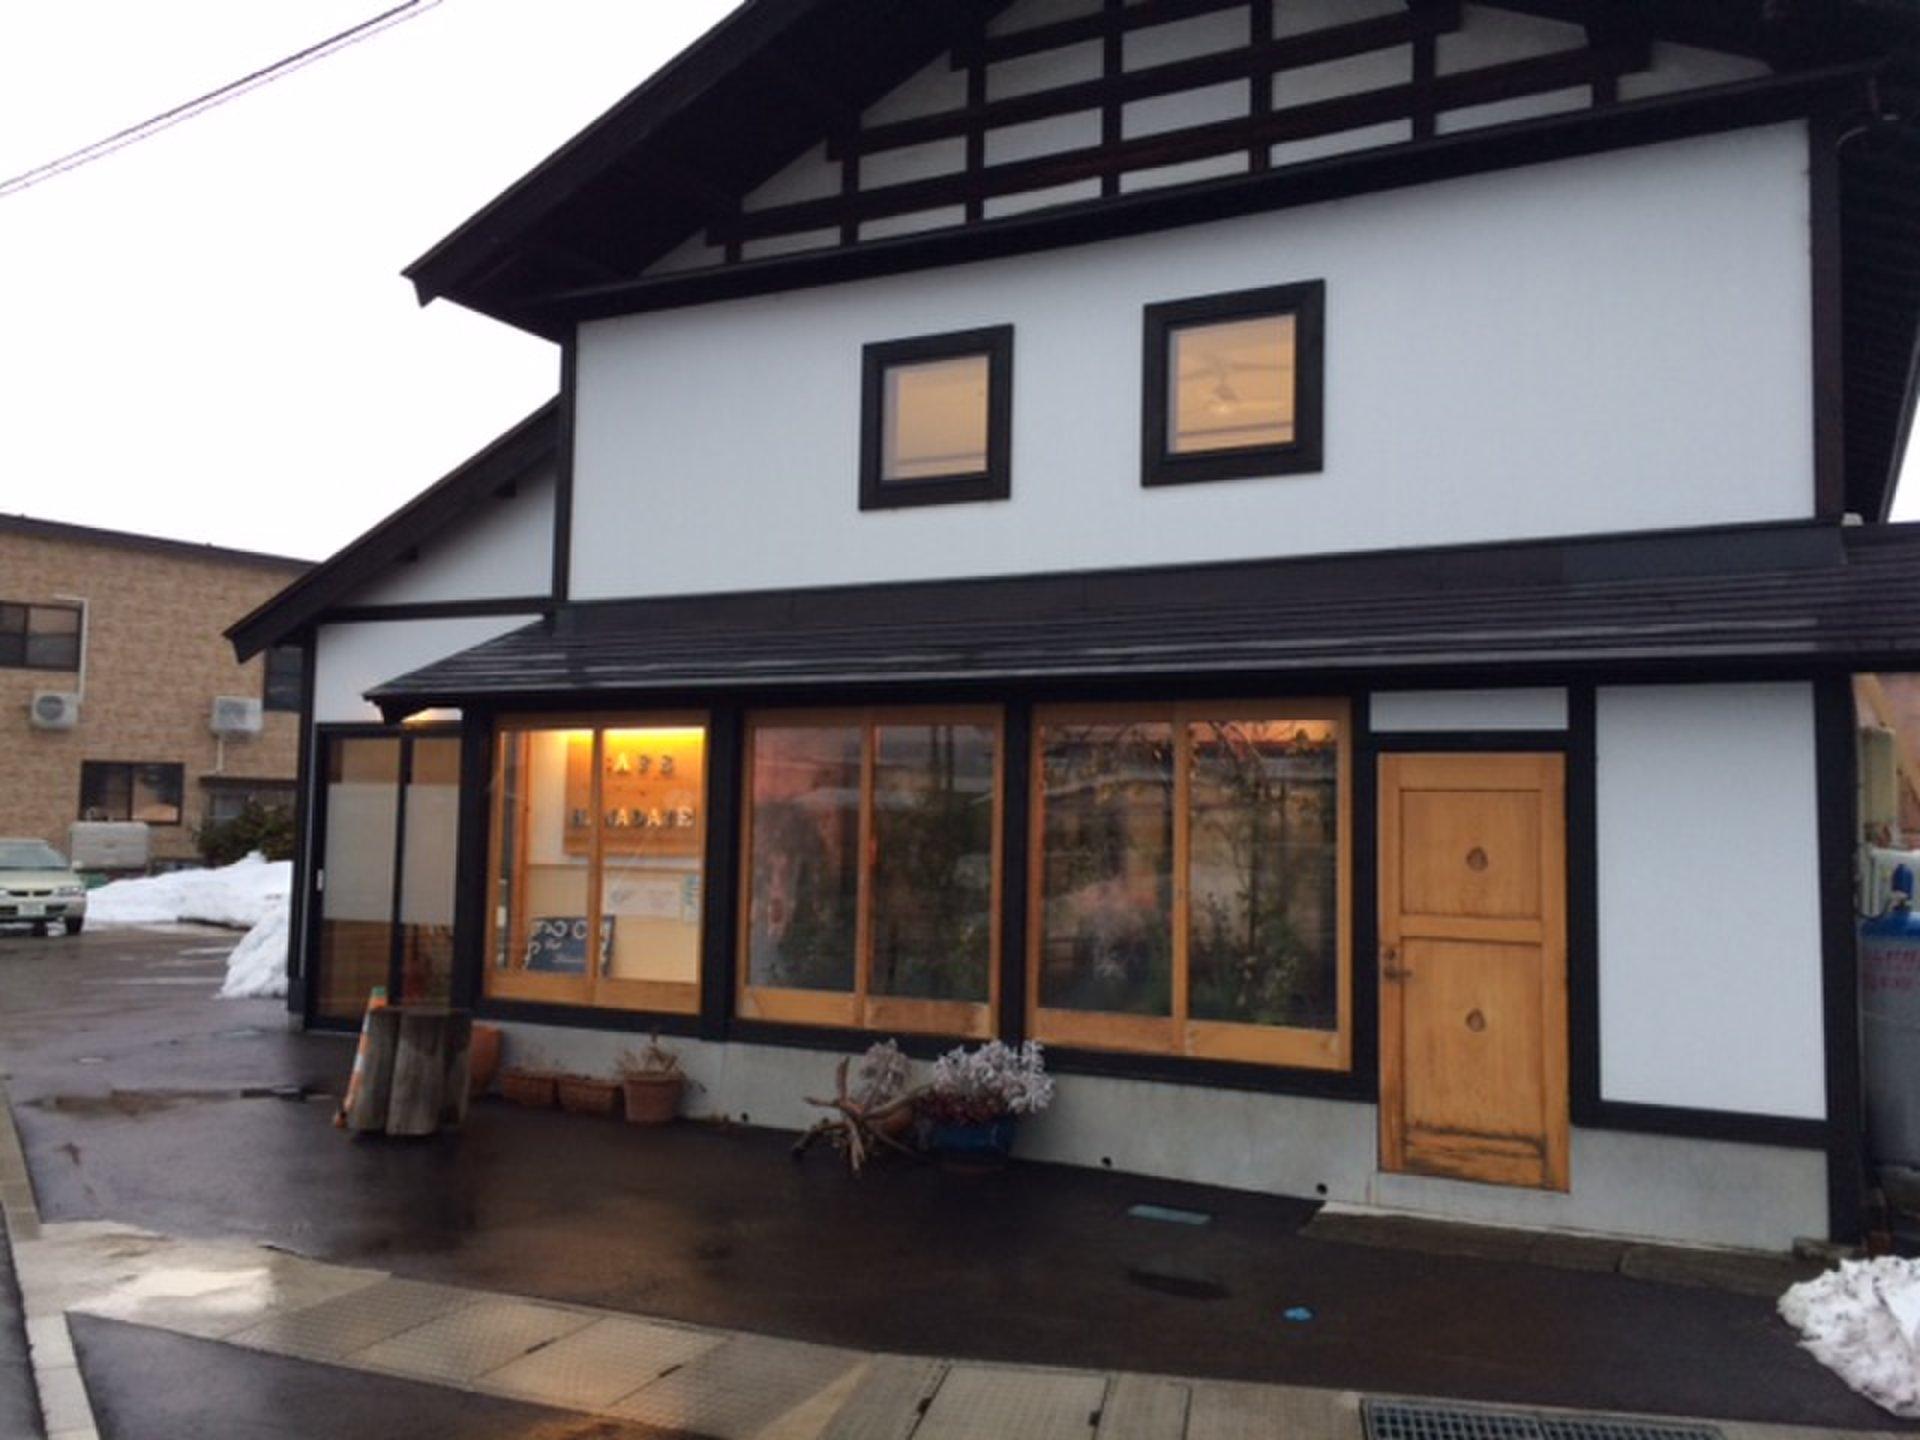 電車の待ち時間に困っている人必見!秋田県湯沢市のカフェ